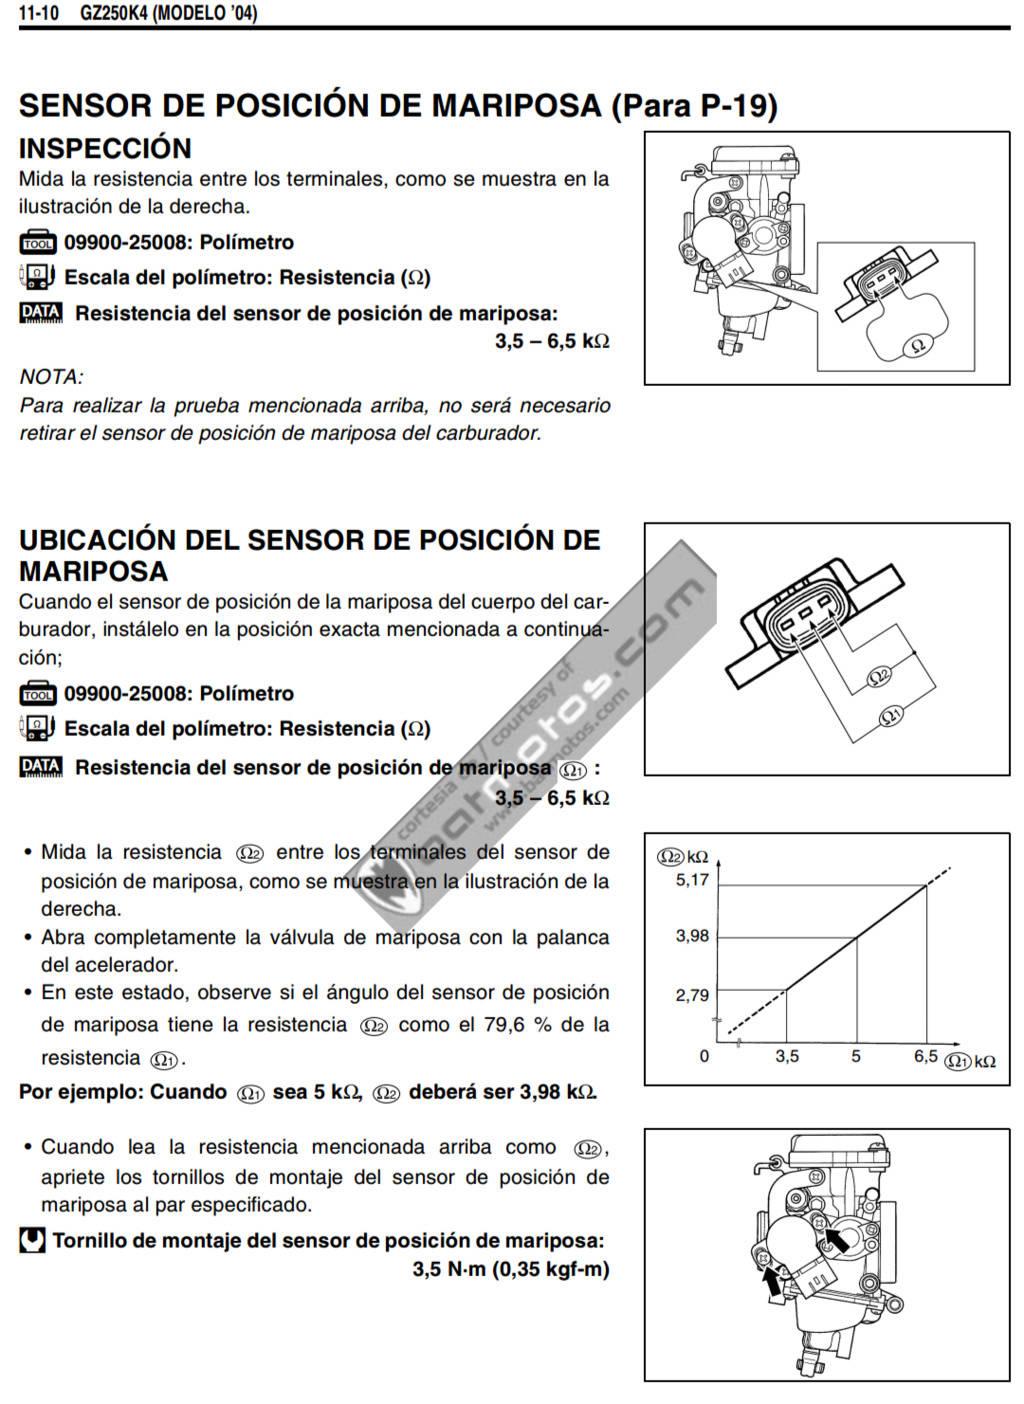 Mi herramienta de trabajo: Suzuki GZ 250 Marauder 2004 Screen19